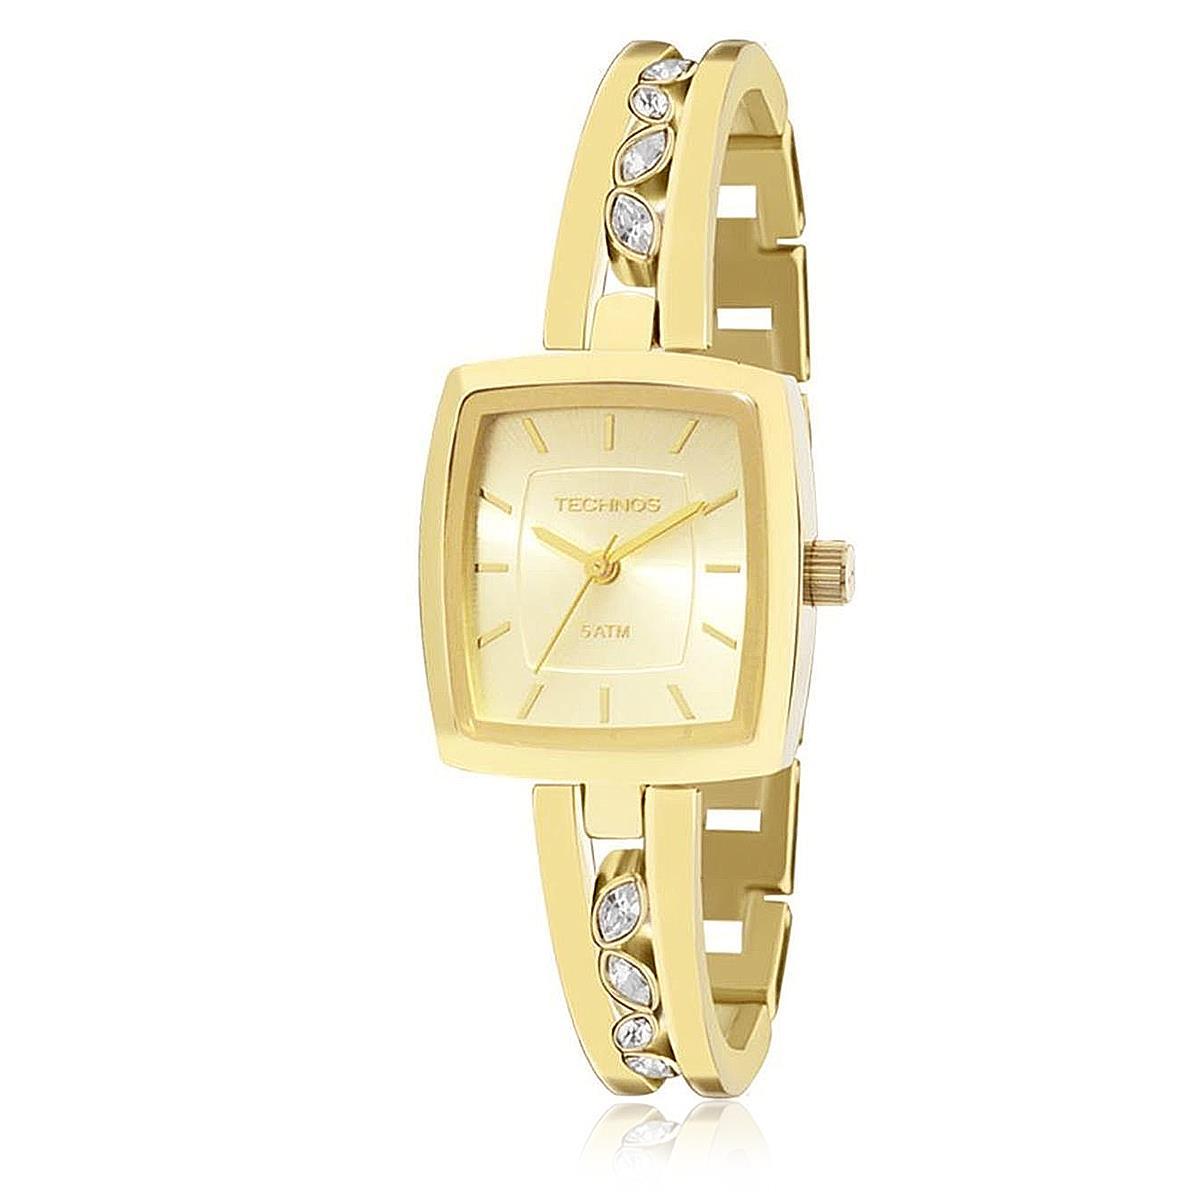 Relógio Feminino Technos Elegance Analógico 2035MCB 4X dourado com com  cristais 0c7af8b100